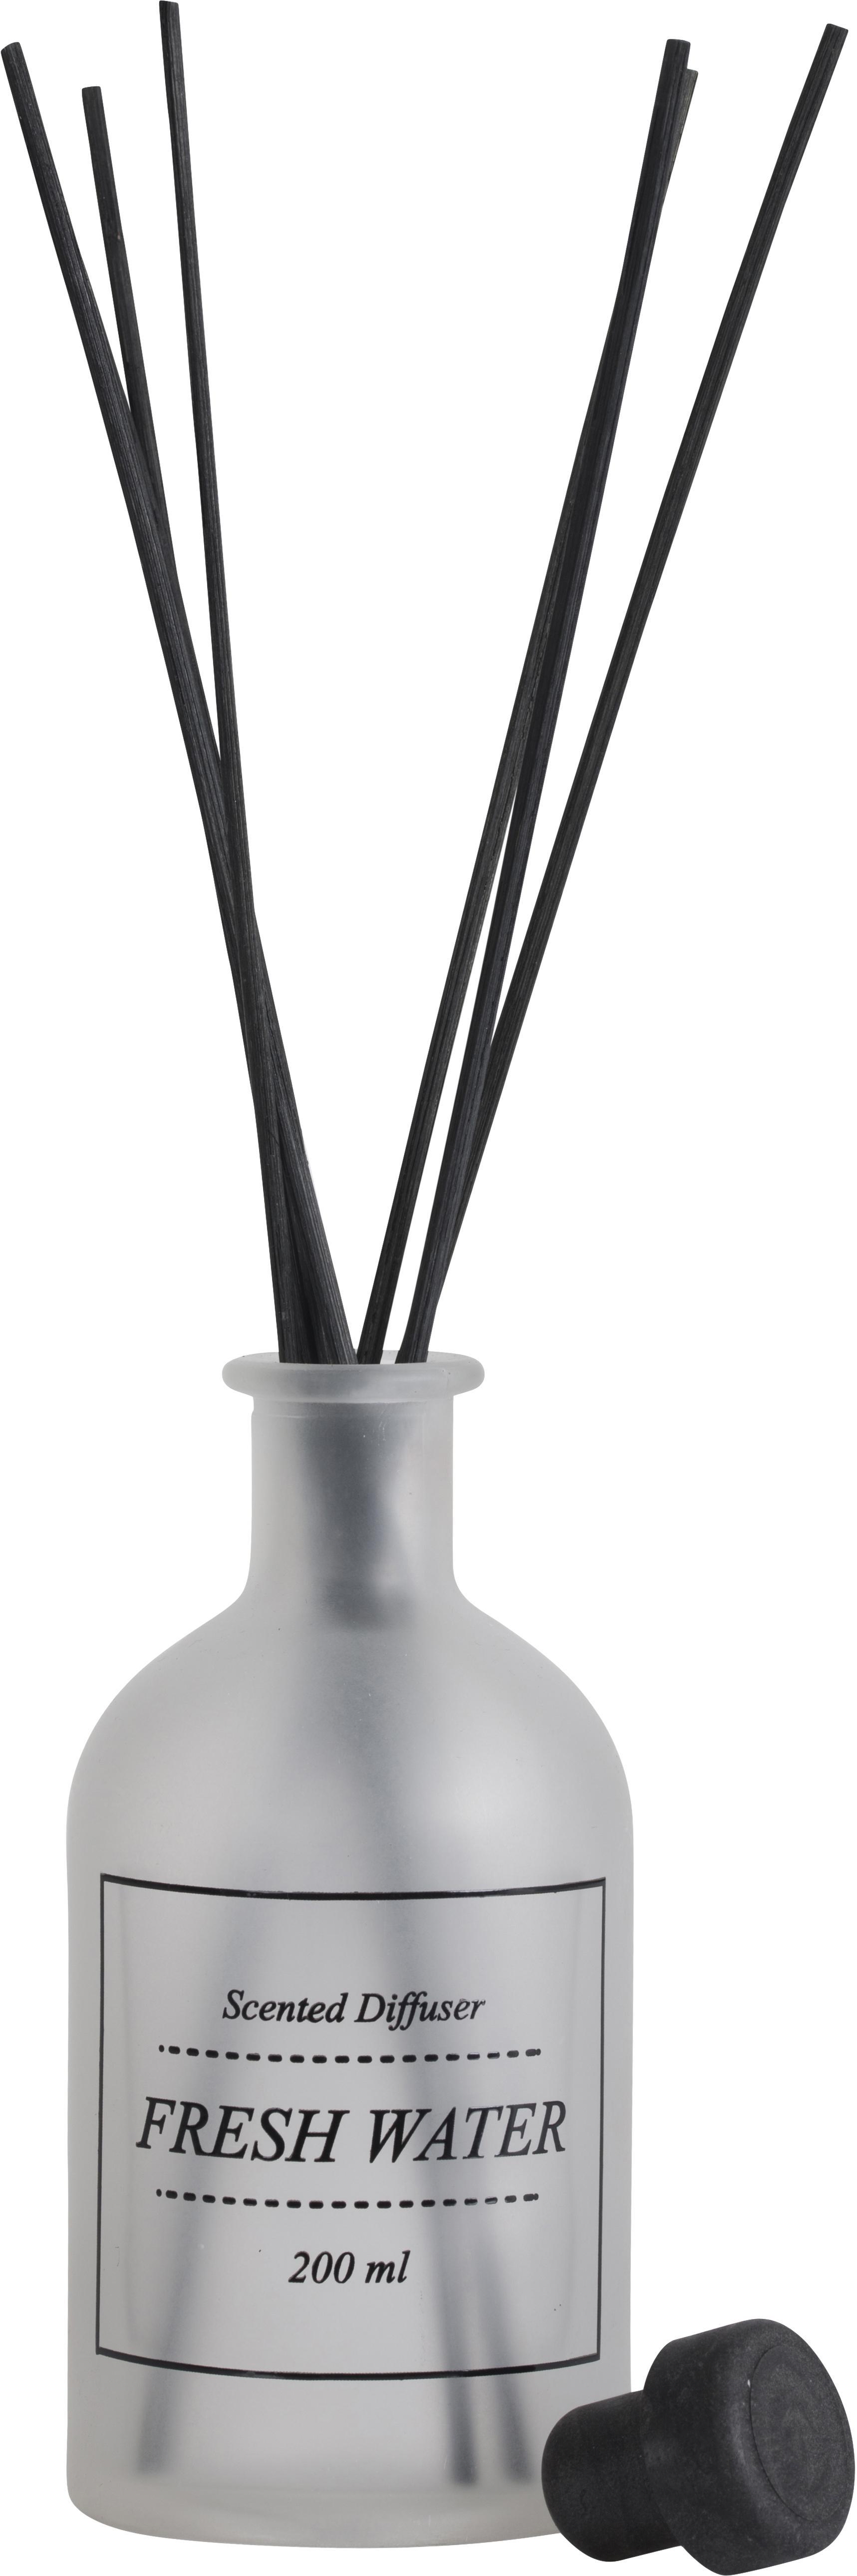 Ambientador Fresh Water (brisa marina fresca), Vidrio, palos de ratán, Transparente, negro, Ø 7 x Al 29 cm